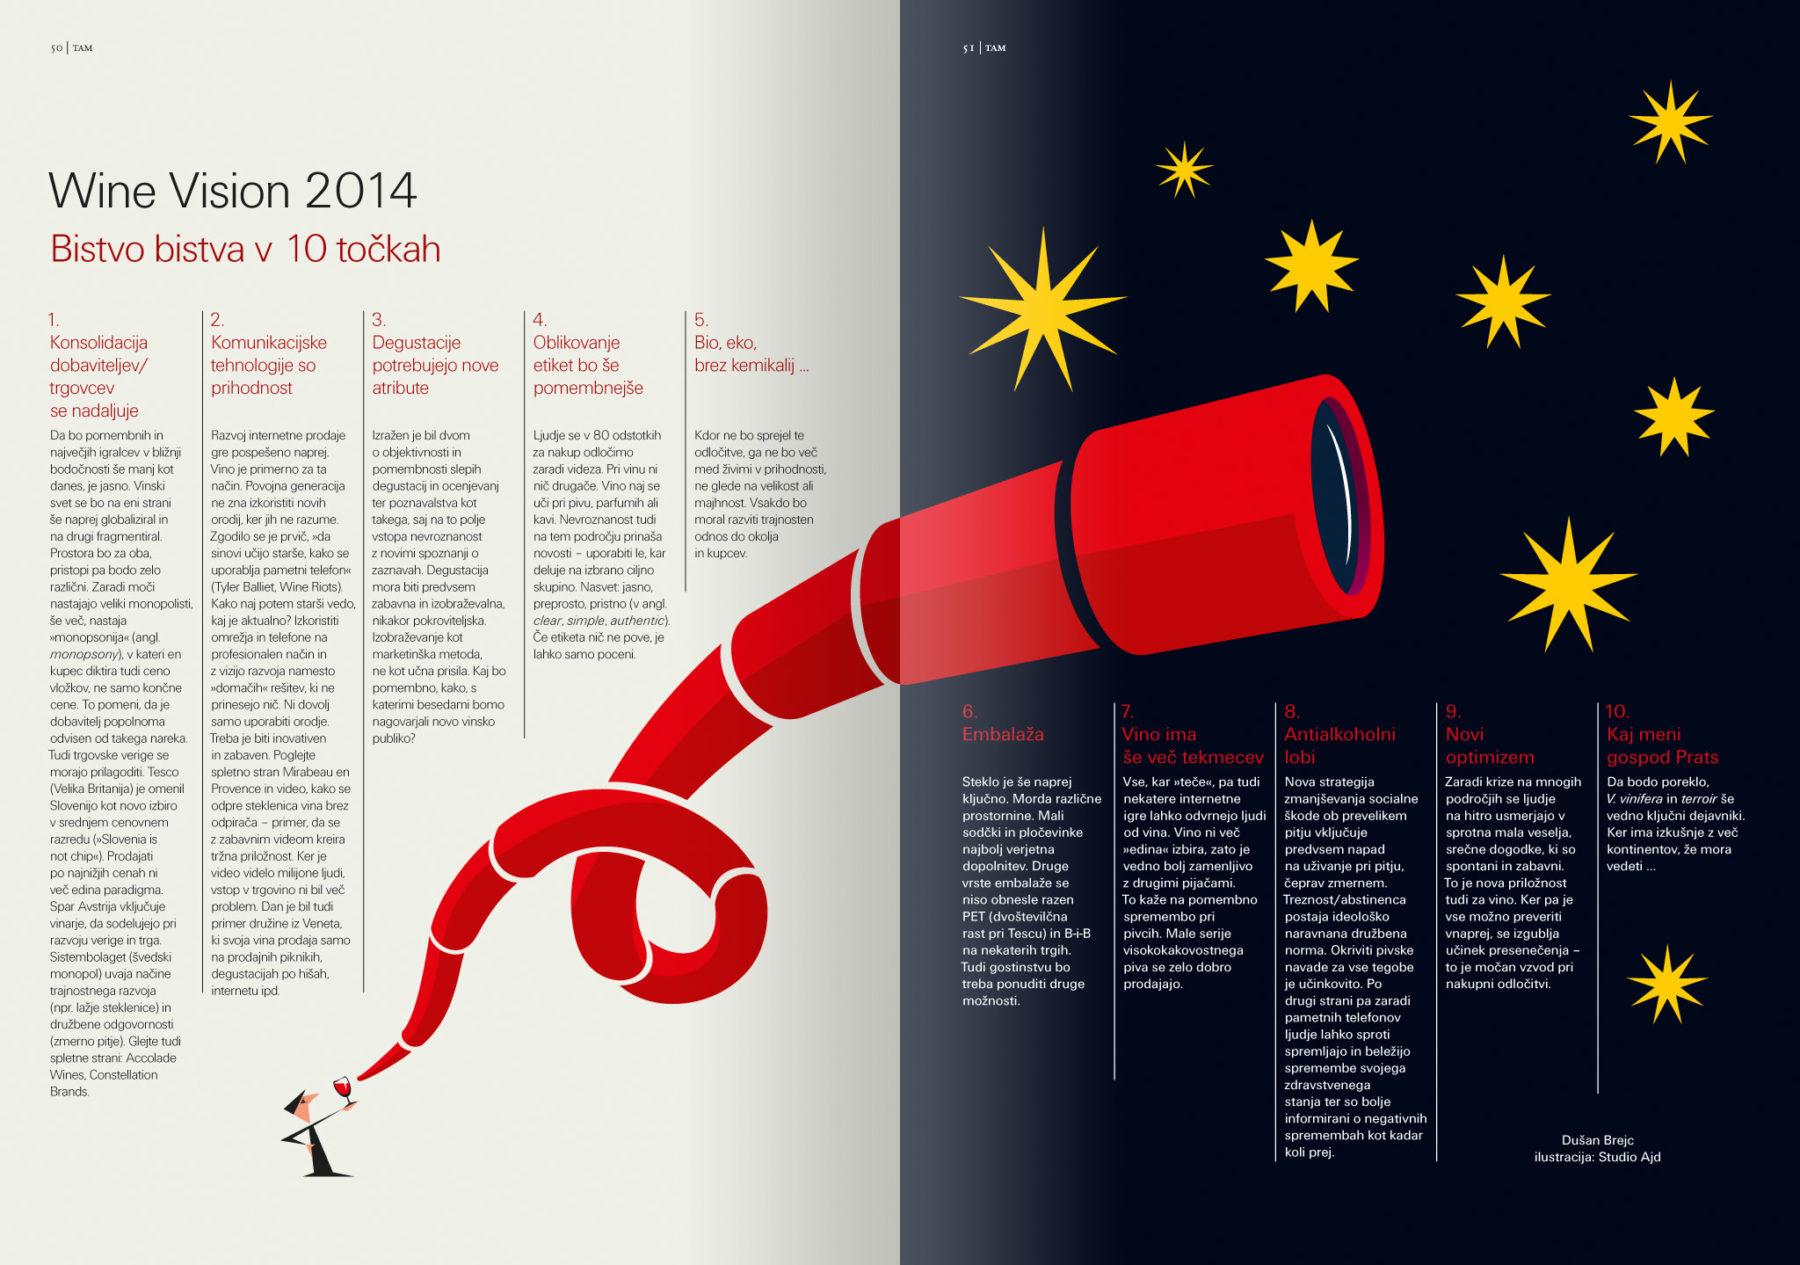 Revija Vino, zima 2014, strani 50 in 51. Ilustracija za članek Wine Vision 2014 · Naročnik: Revija Vino · Ilustracija: Marijan Močivnik · 2014 ·